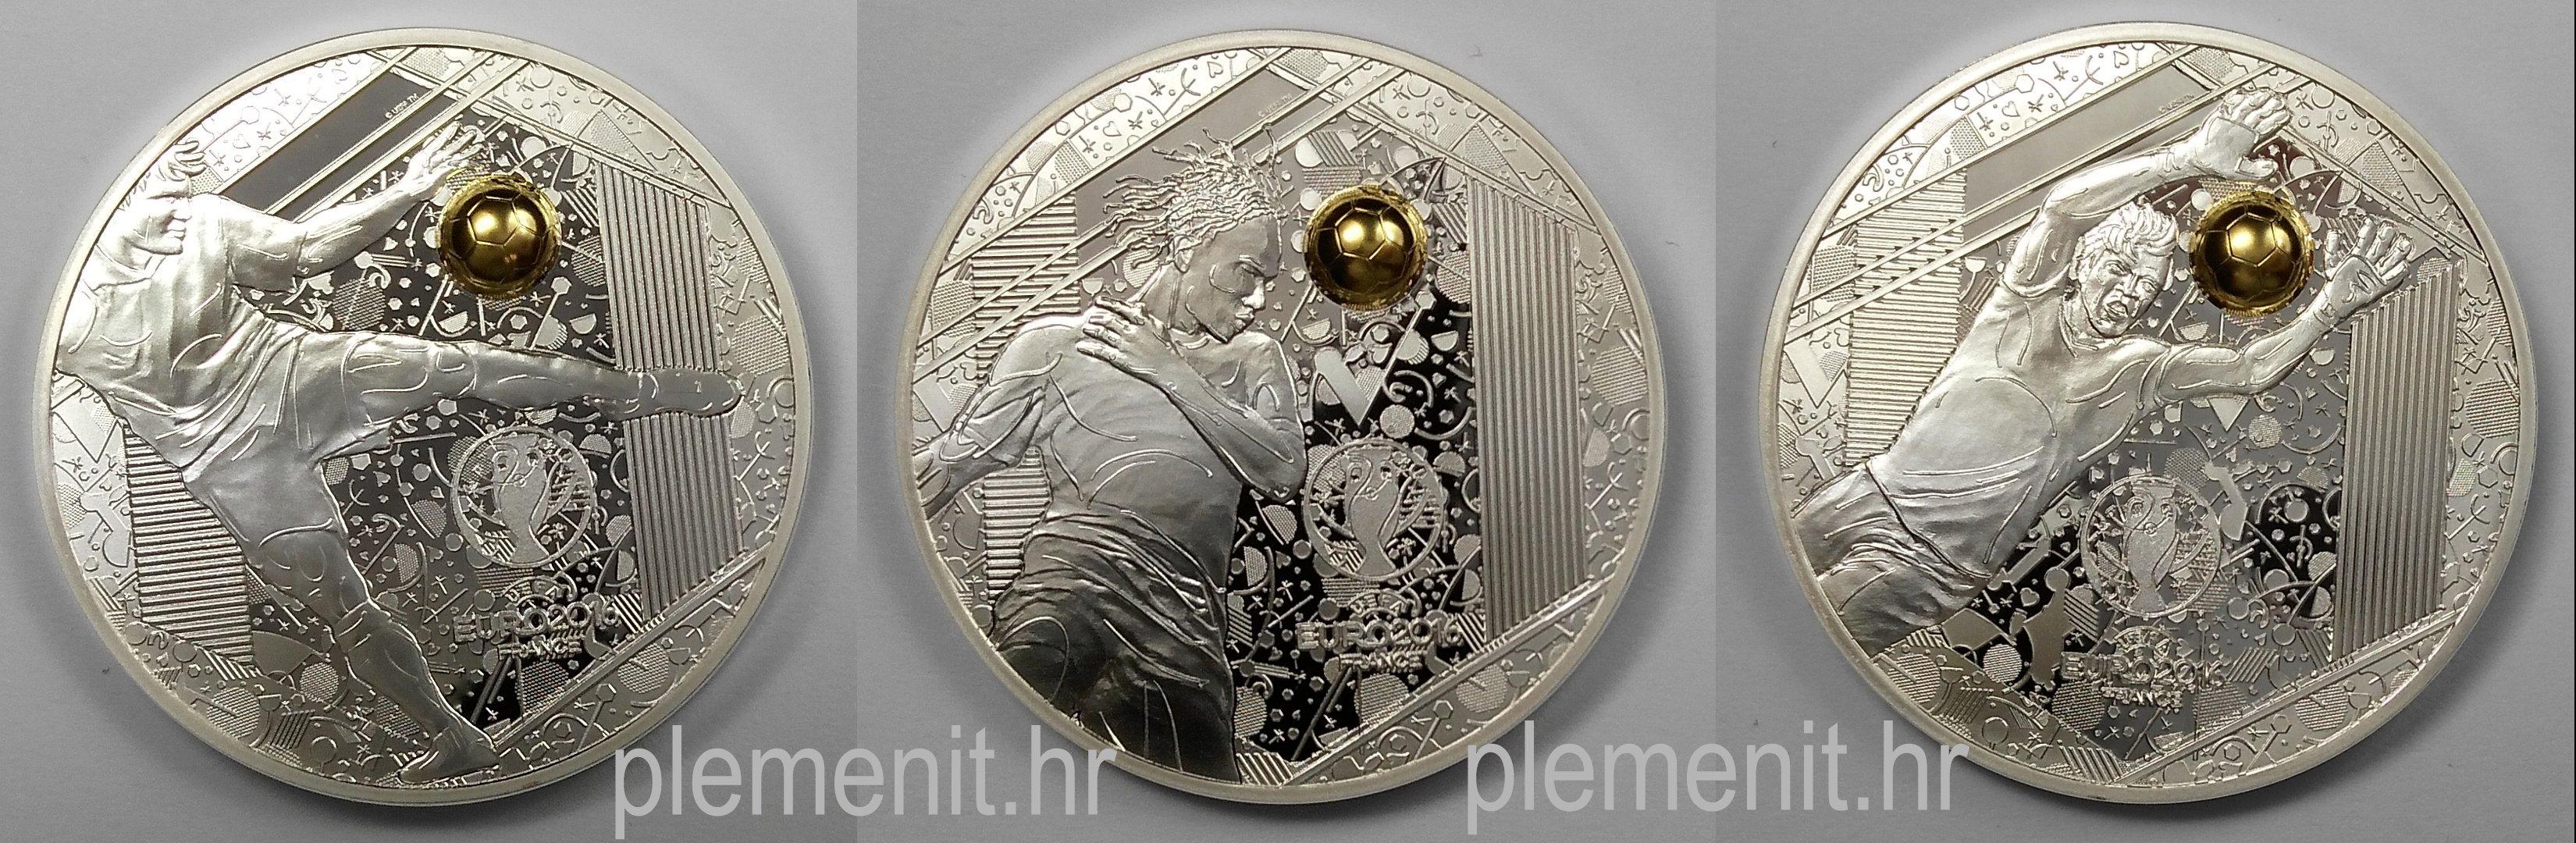 euro2016-3-nalicja-plemenit2